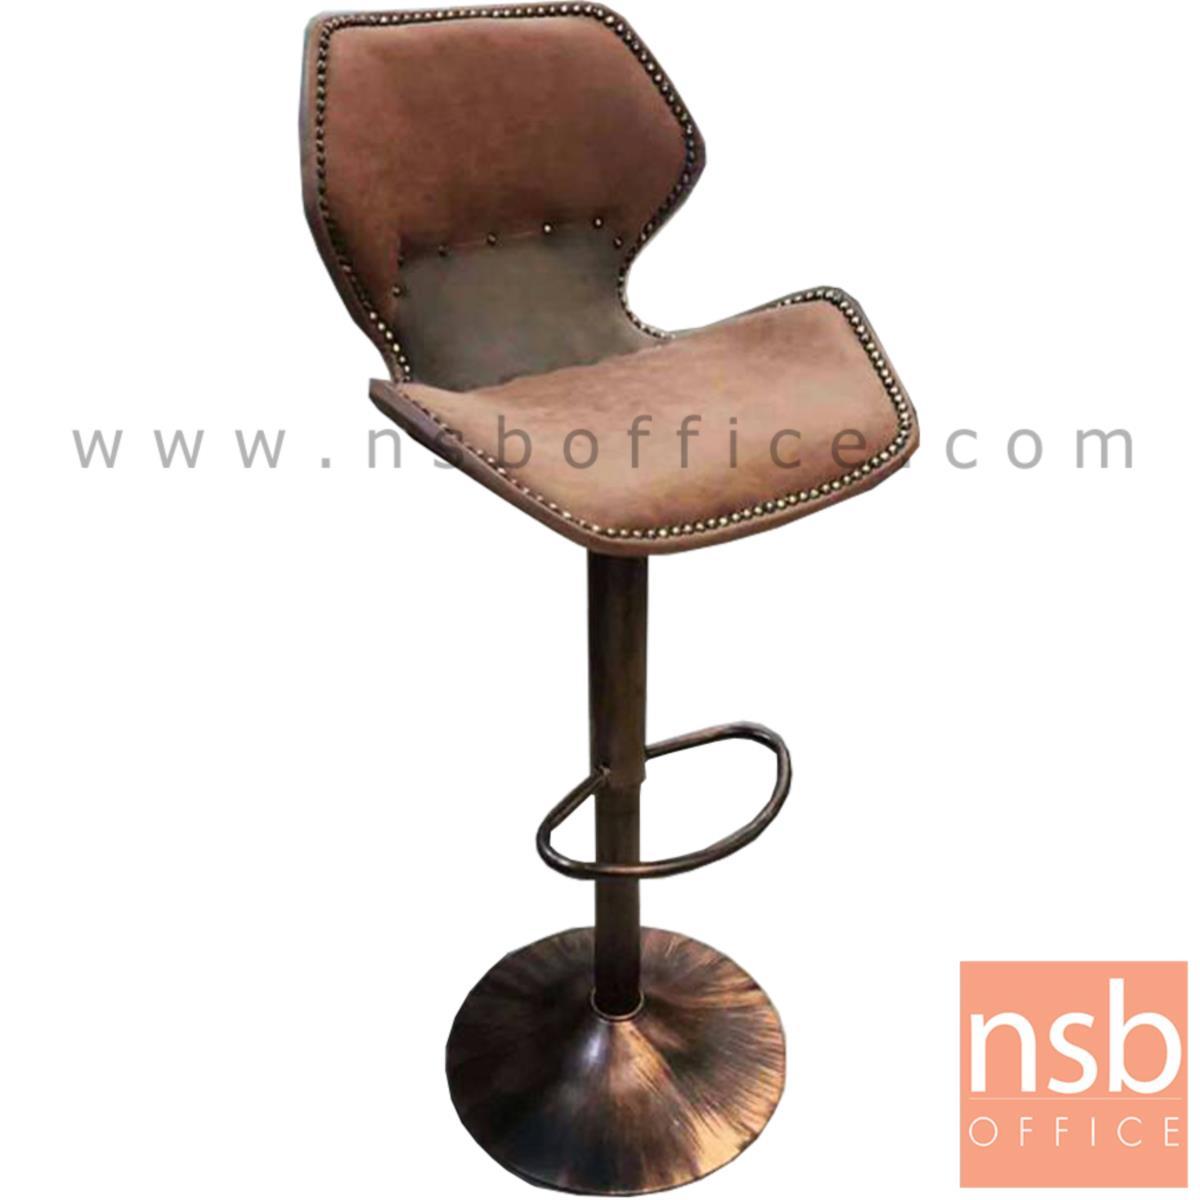 B18A073:เก้าอี้บาร์สูงหนังเทียม รุ่น BC-A ขนาด 48W cm. โช๊คแก๊ส โครงเหล็กสีทองรมดำ